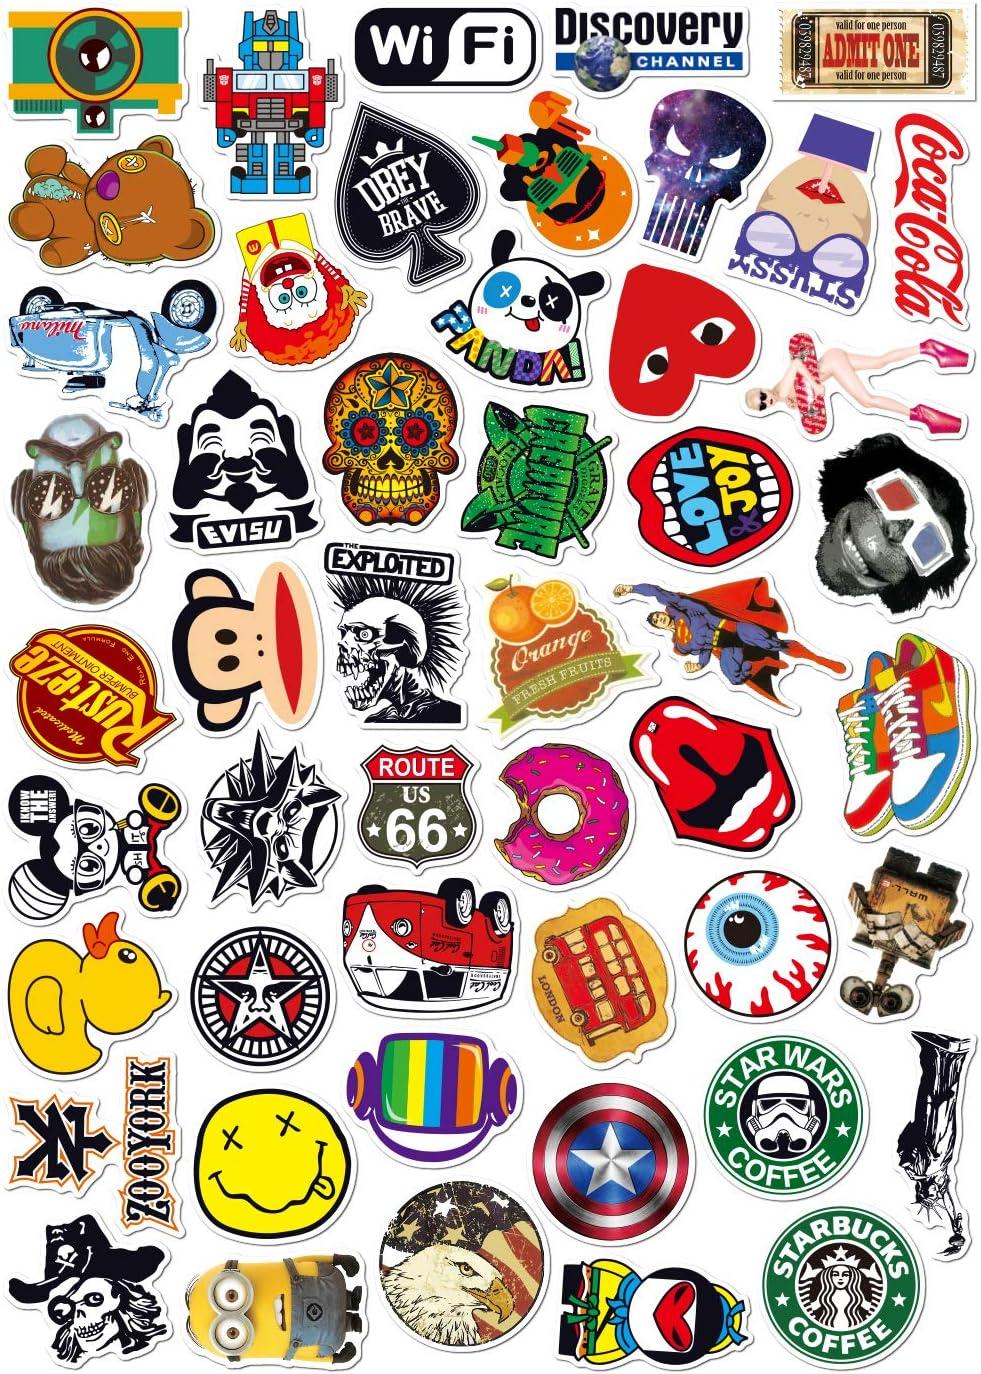 Dinpei Pacchetto di Adesivi per Laptop 100 Pezzi A01 Adesivo alla Moda Adesivi Fantastici Unici Adesivo per Acqua Notebook per Chitarra Skateboard Adesivi per Bambini da Viaggio